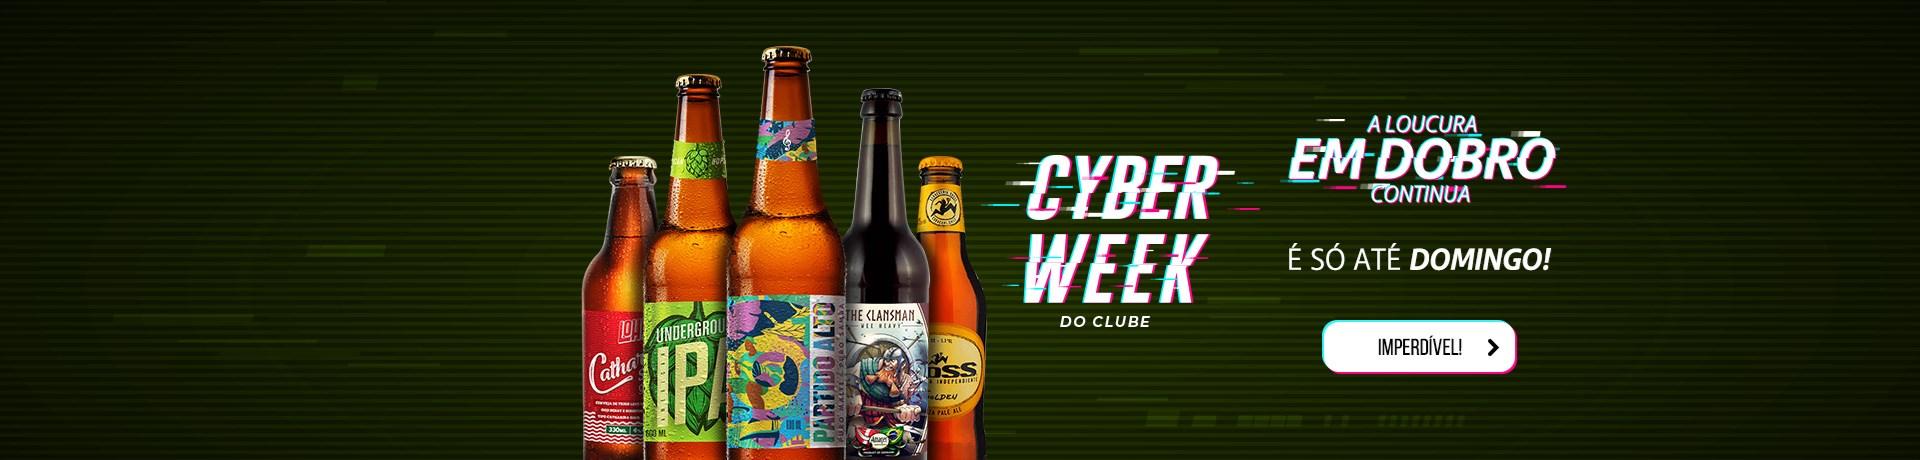 CyberWeek - Loucura Dobro - Home Desktop